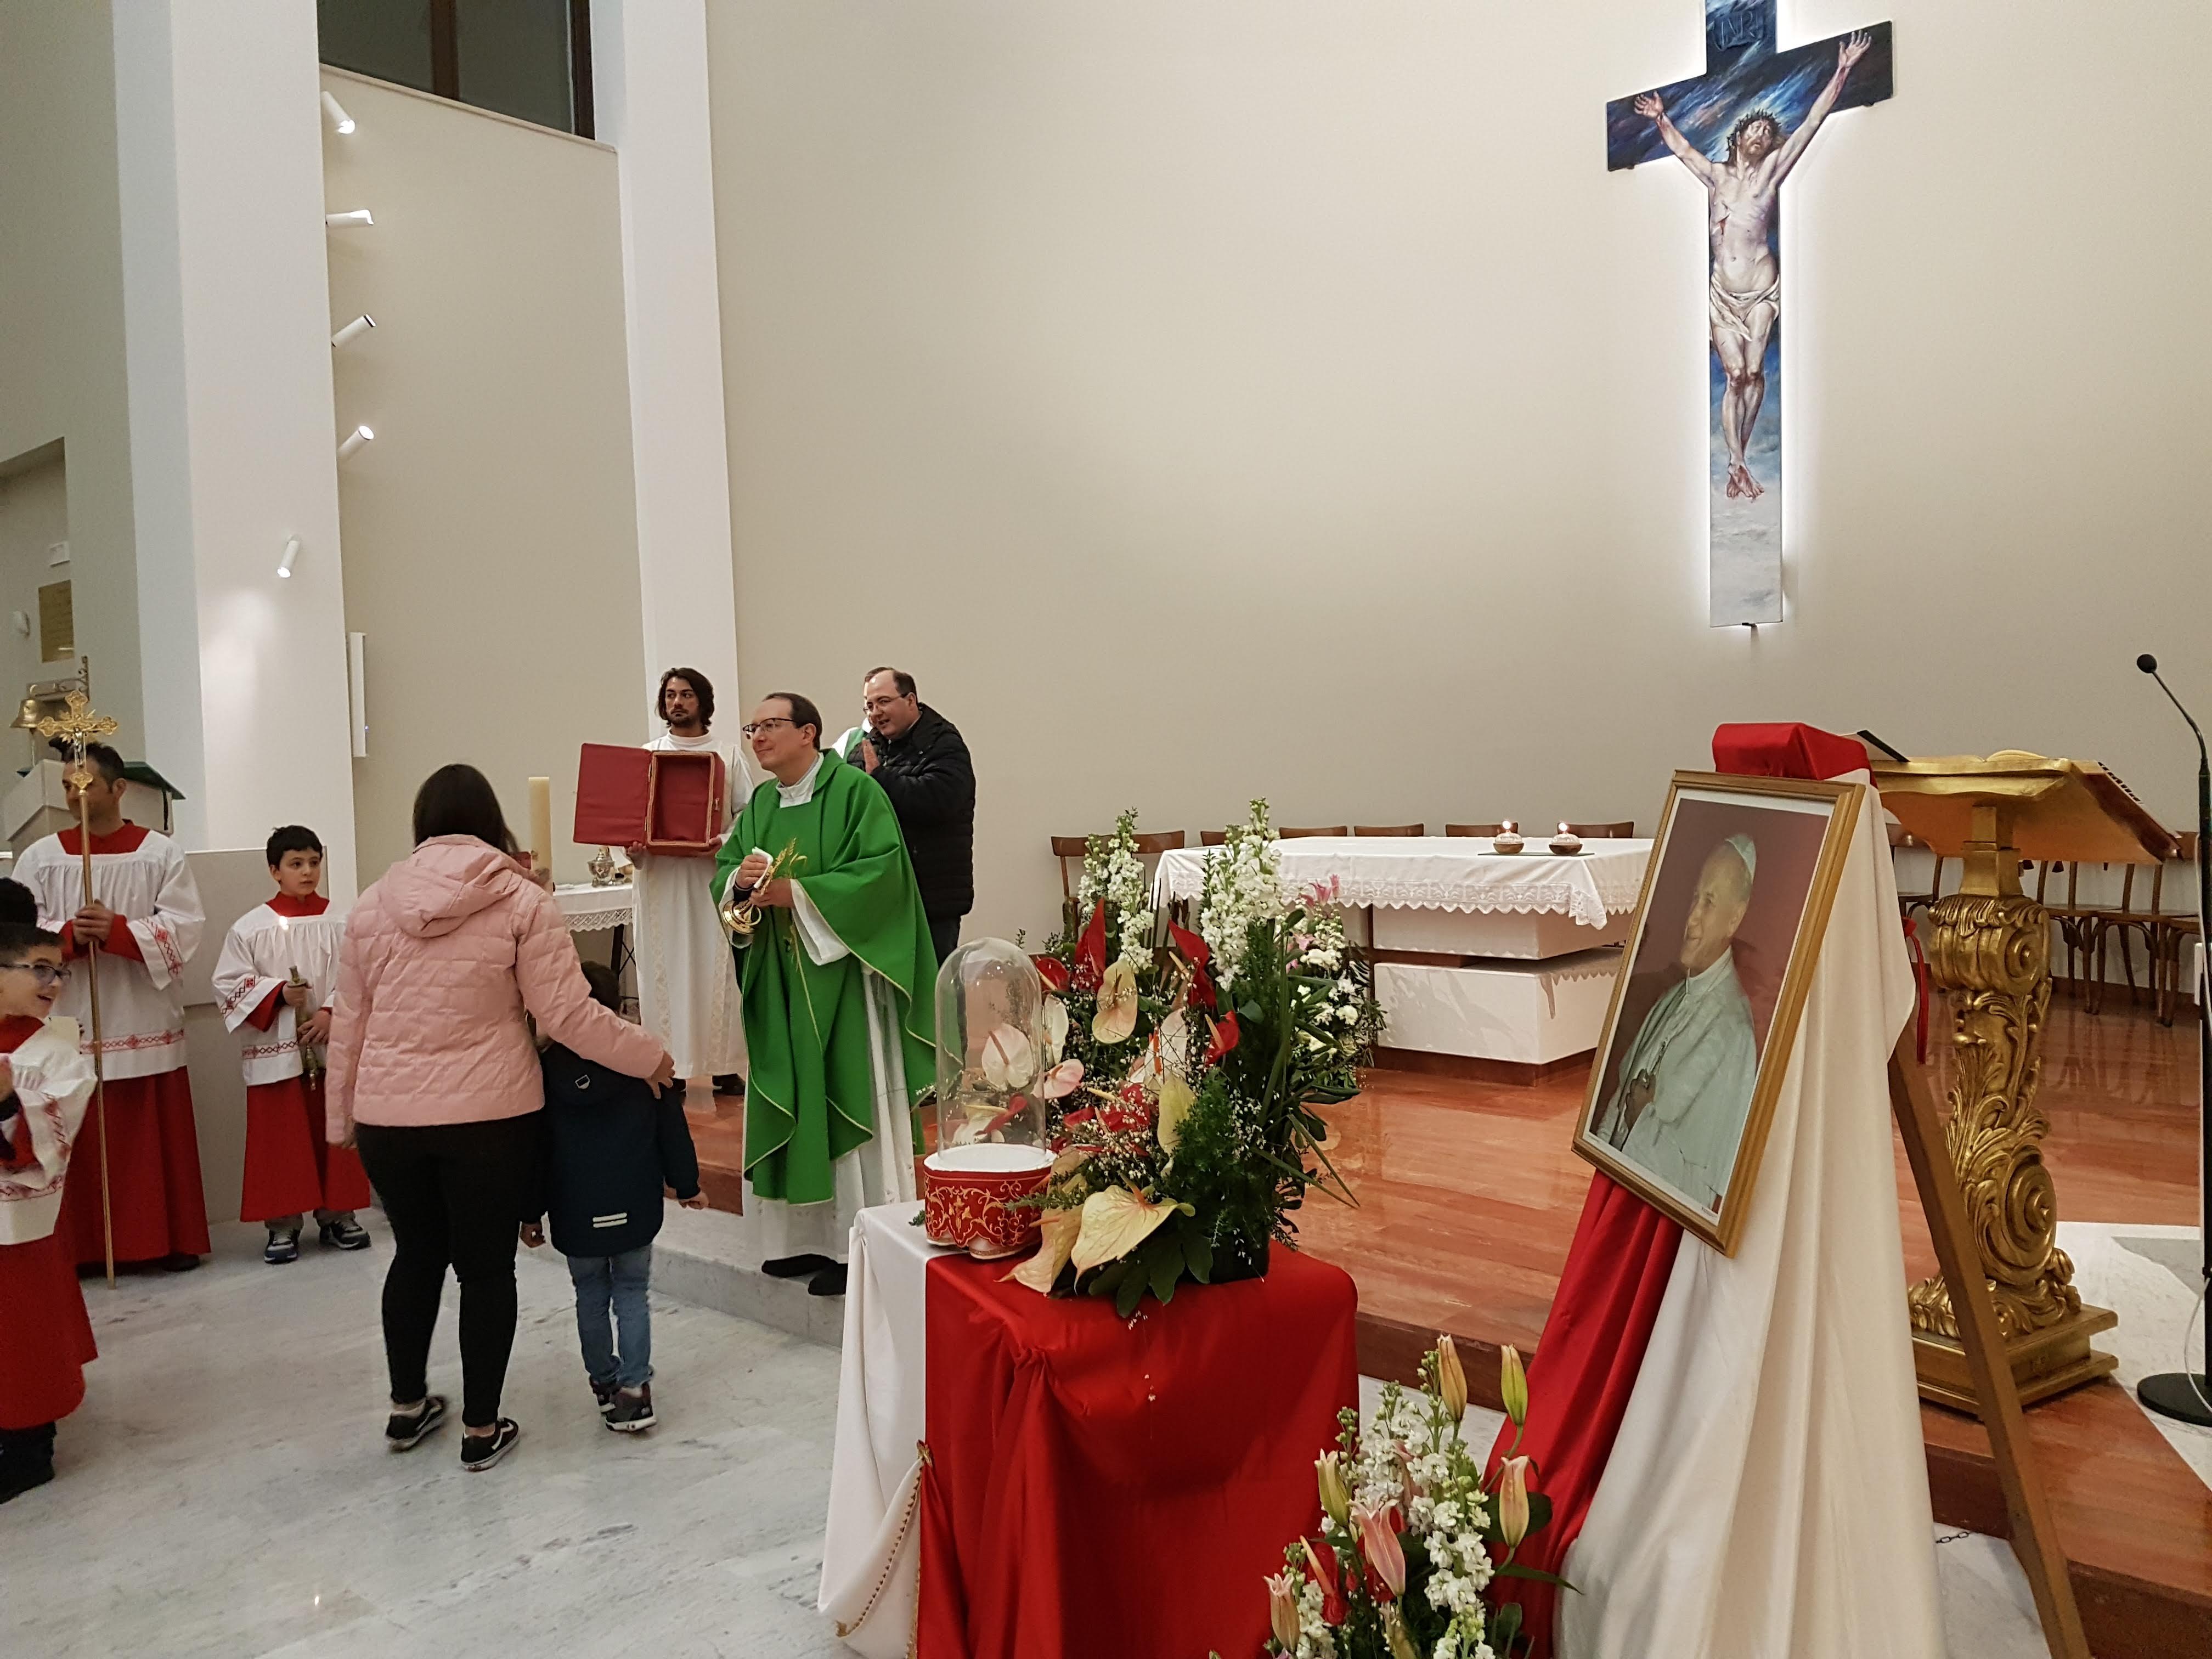 La Misericordia di Dio in San Giovanni Paolo II